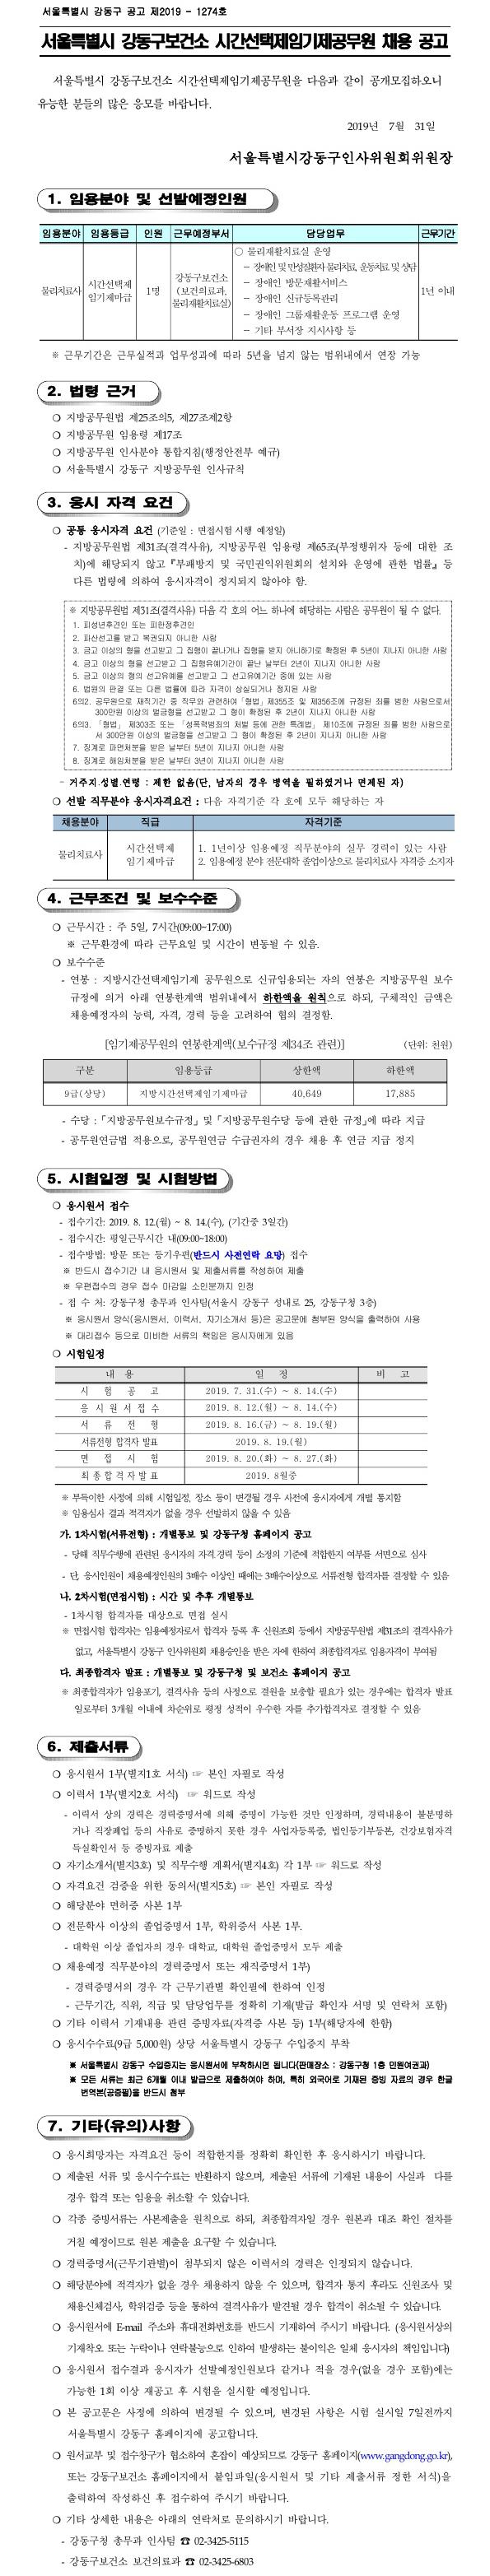 190801_서울시강동구_공고문.jpg